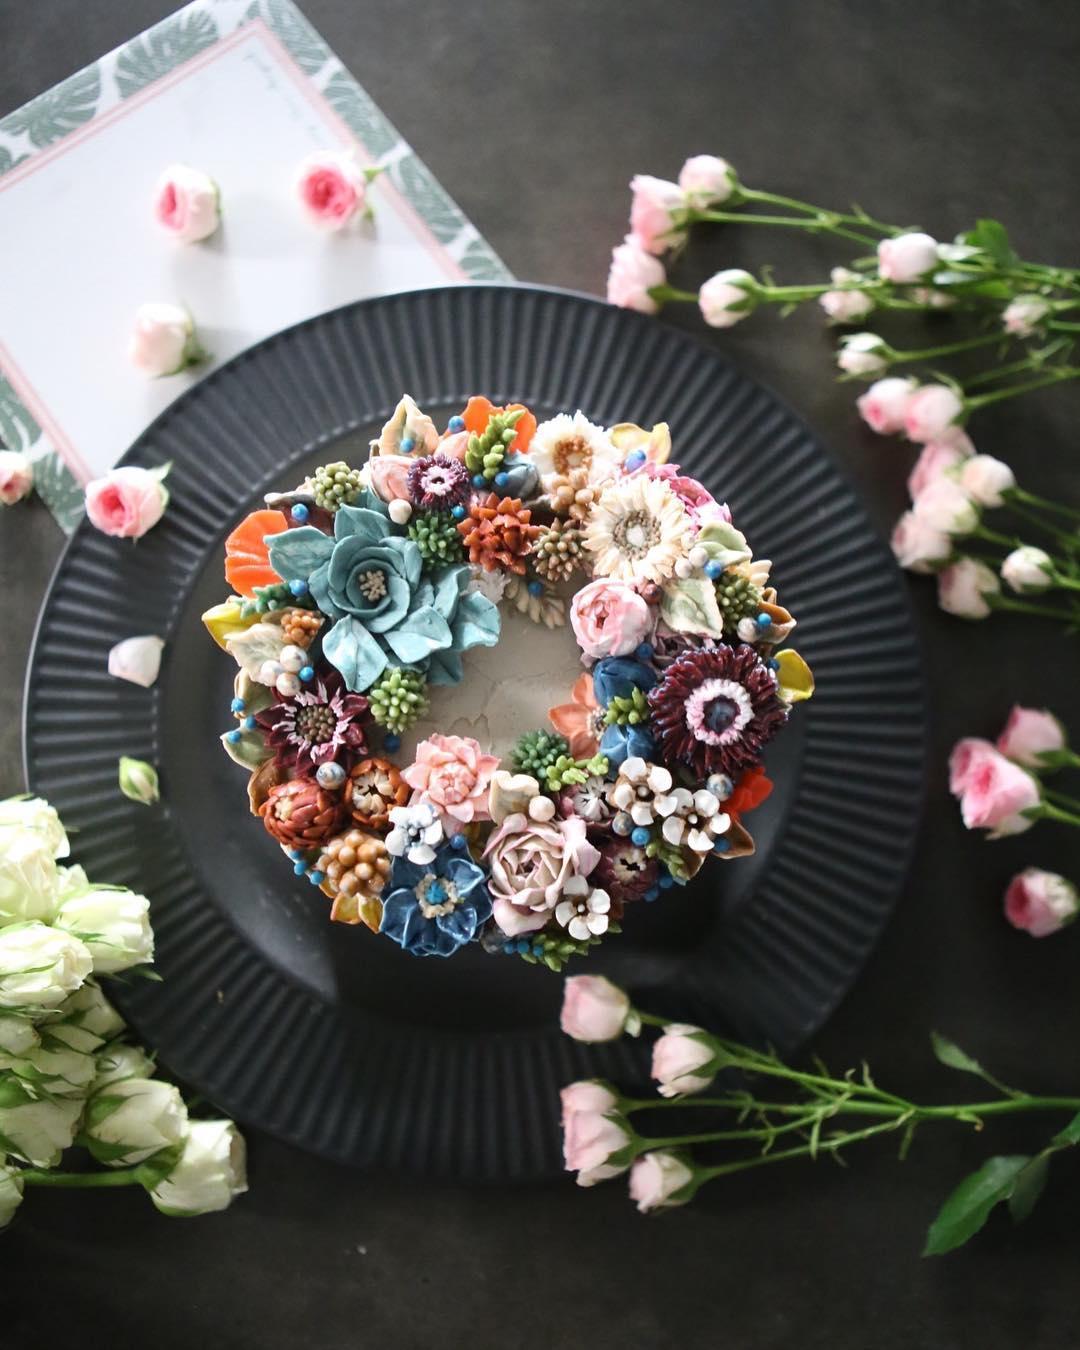 Bộ sưu tập bánh cưới hoa cỏ đẹp như thật của đầu bếp Hàn Quốc - Ảnh 21.